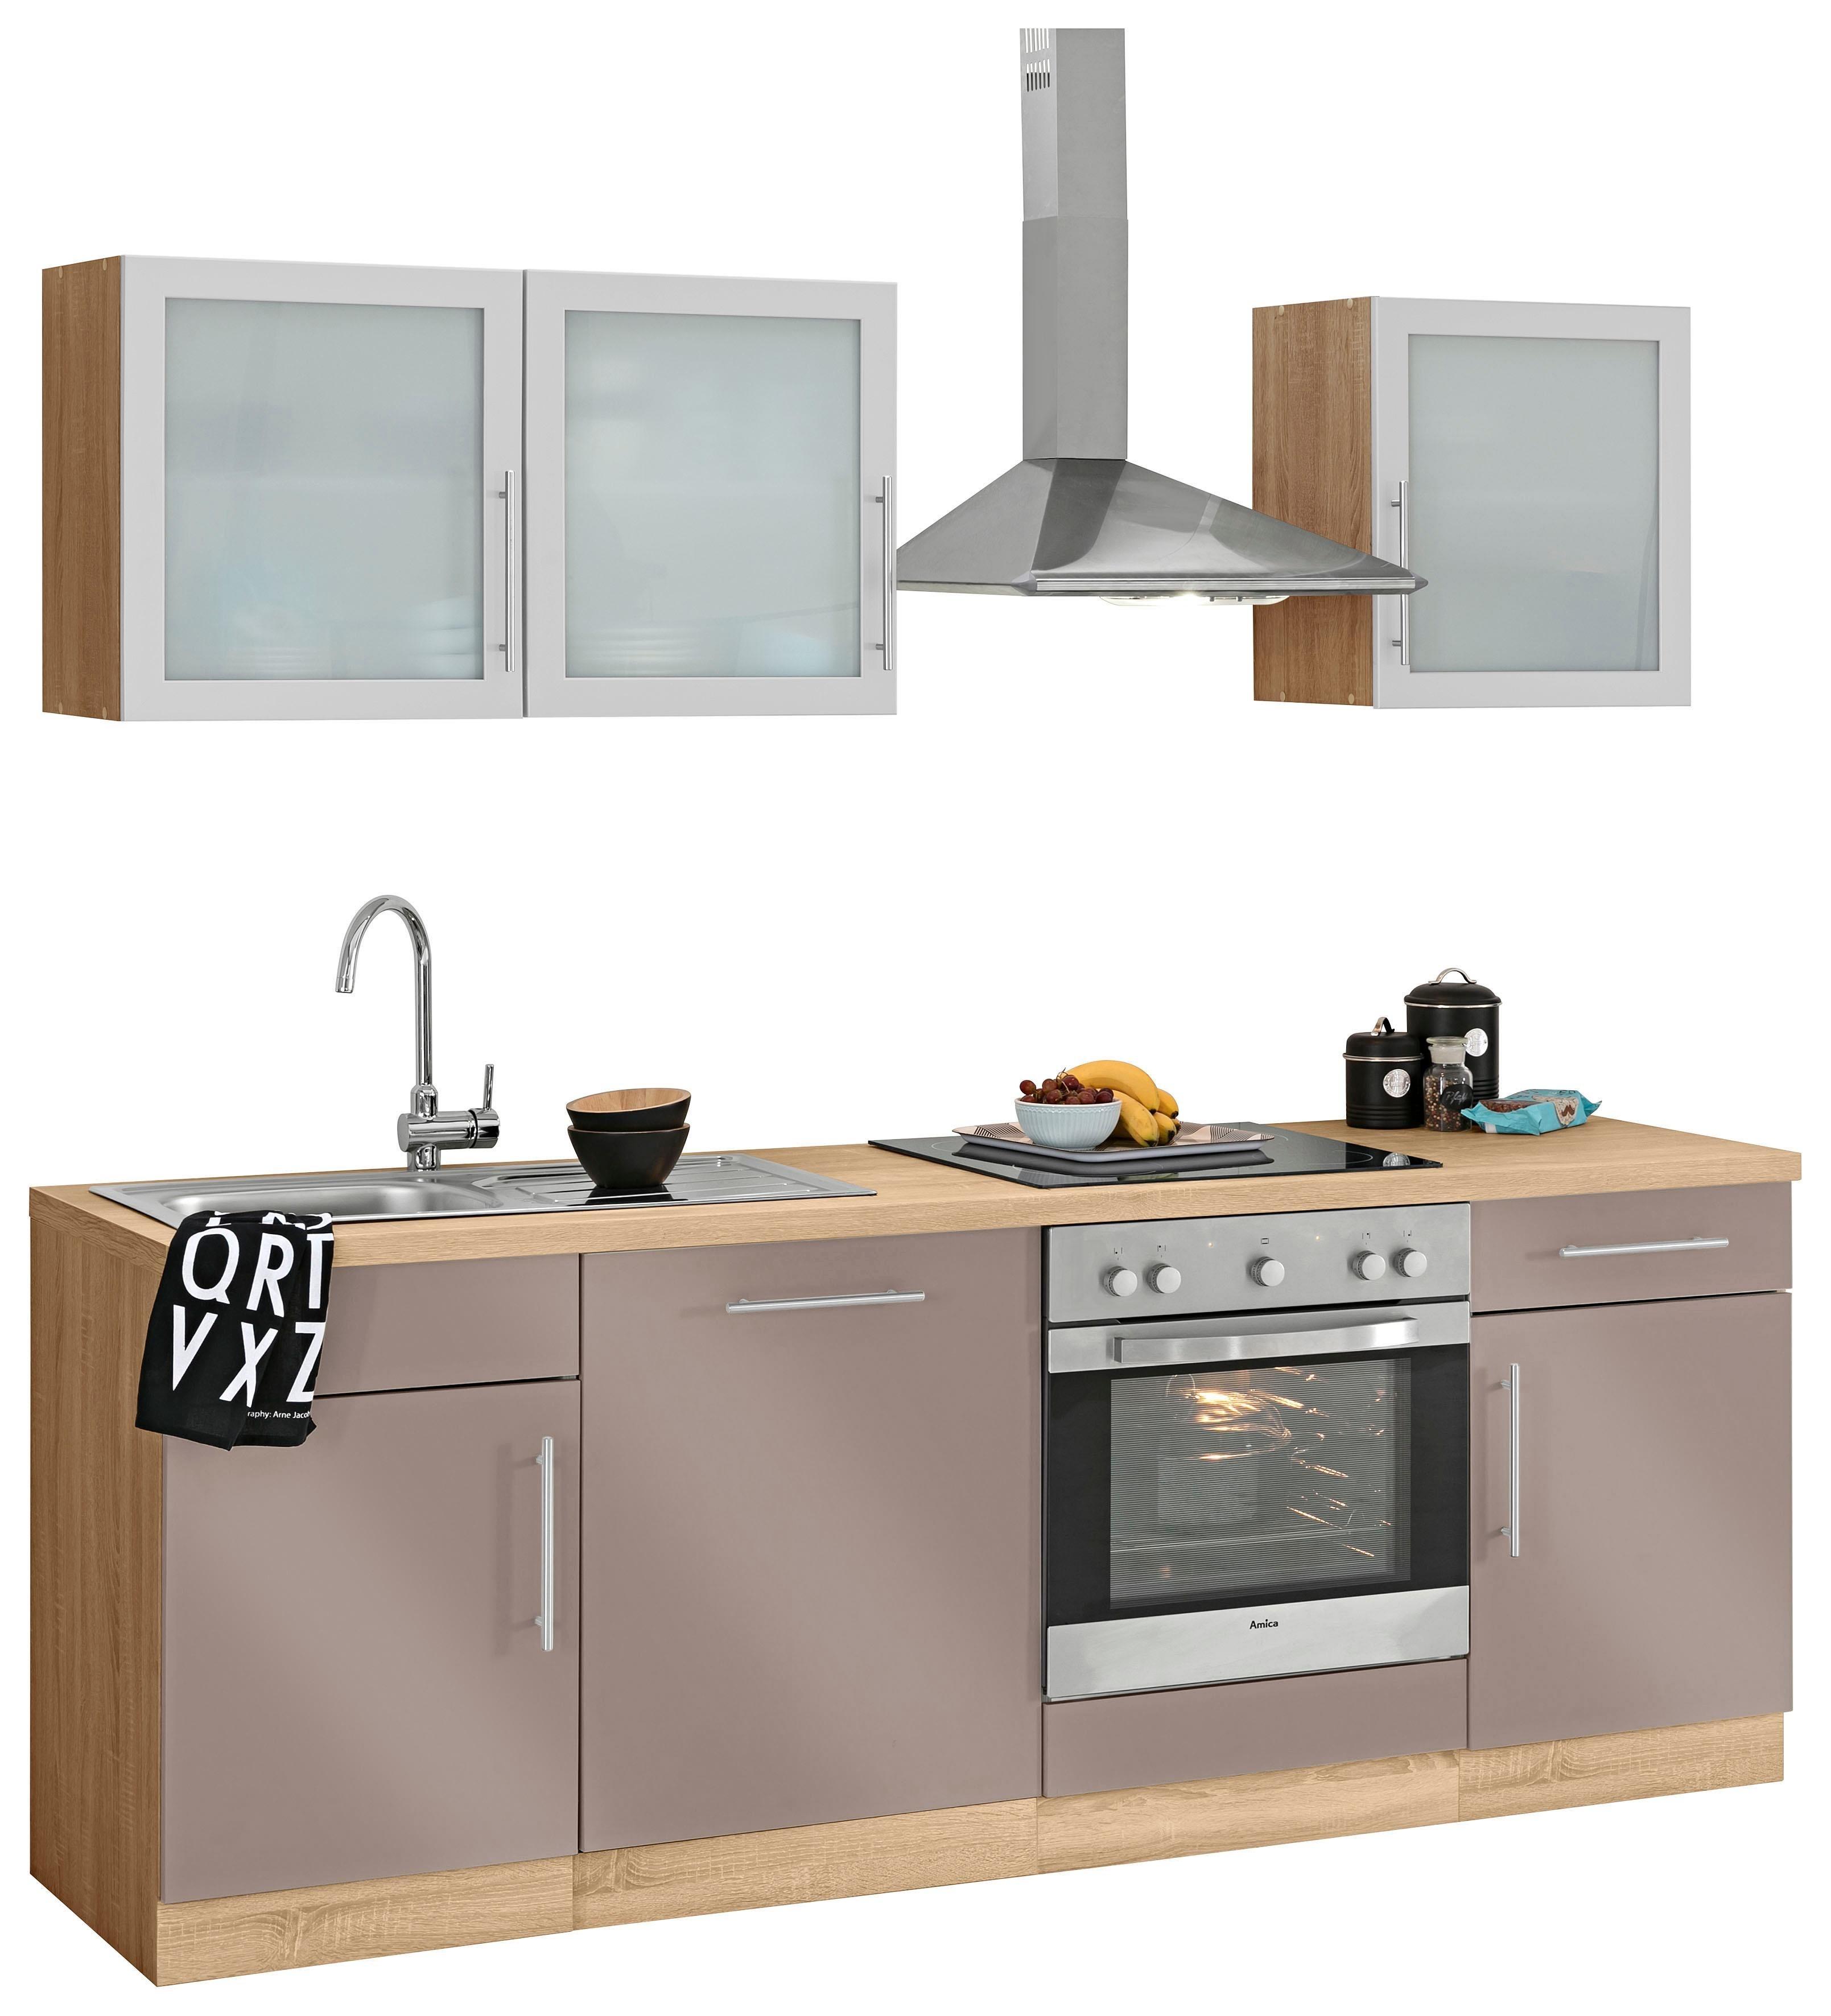 sonoma Küchenzeilen online kaufen | Möbel-Suchmaschine | ladendirekt ...